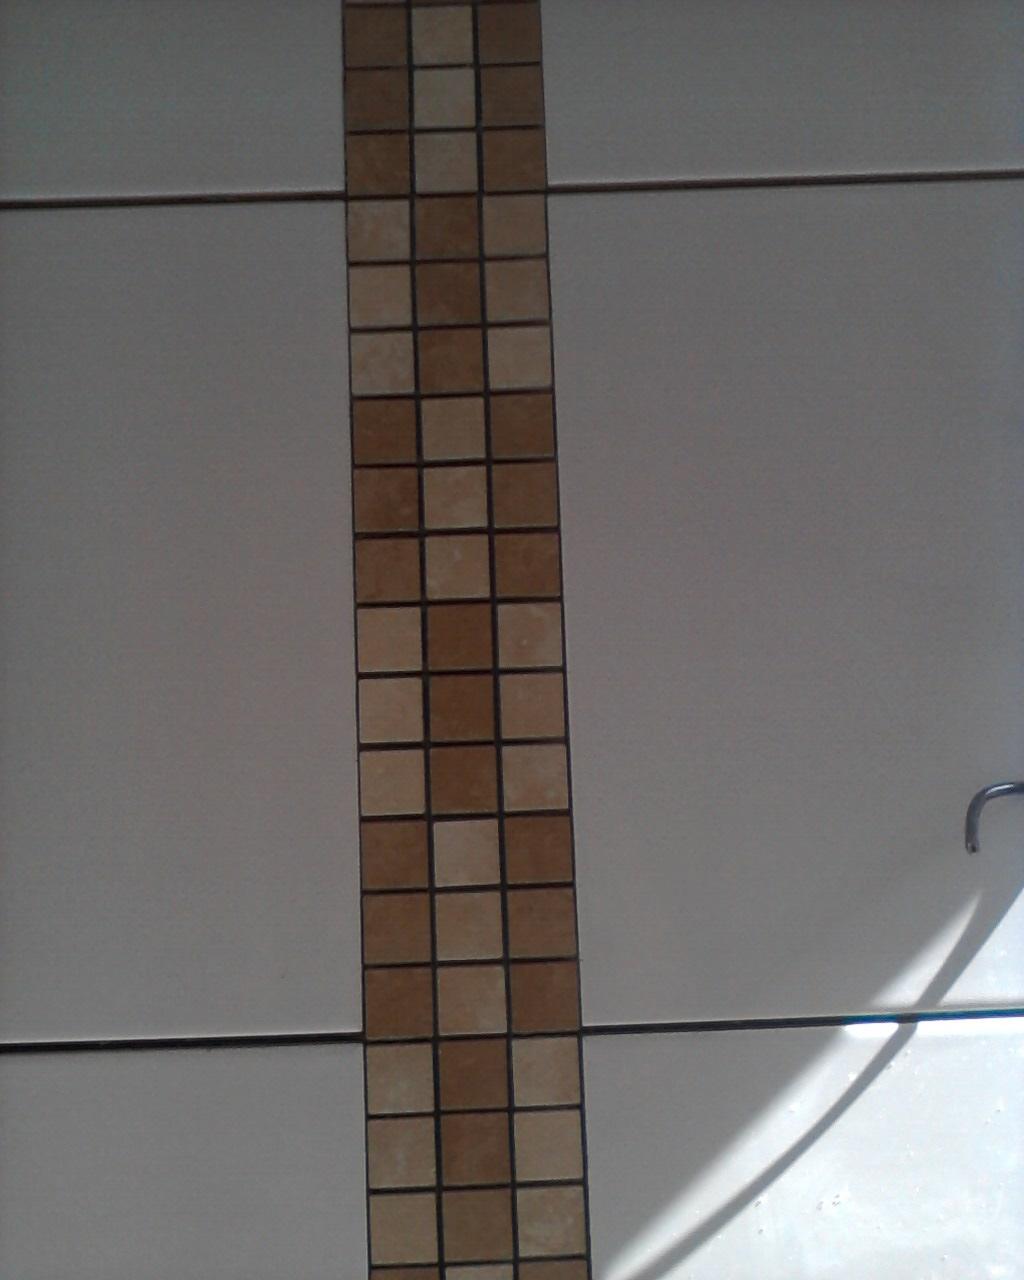 Banheiros Com Pastilhas No Chão  homefiresafetykitcom banheiros com pastilhas -> Banheiro Com Pastilha De Vidro No Chao